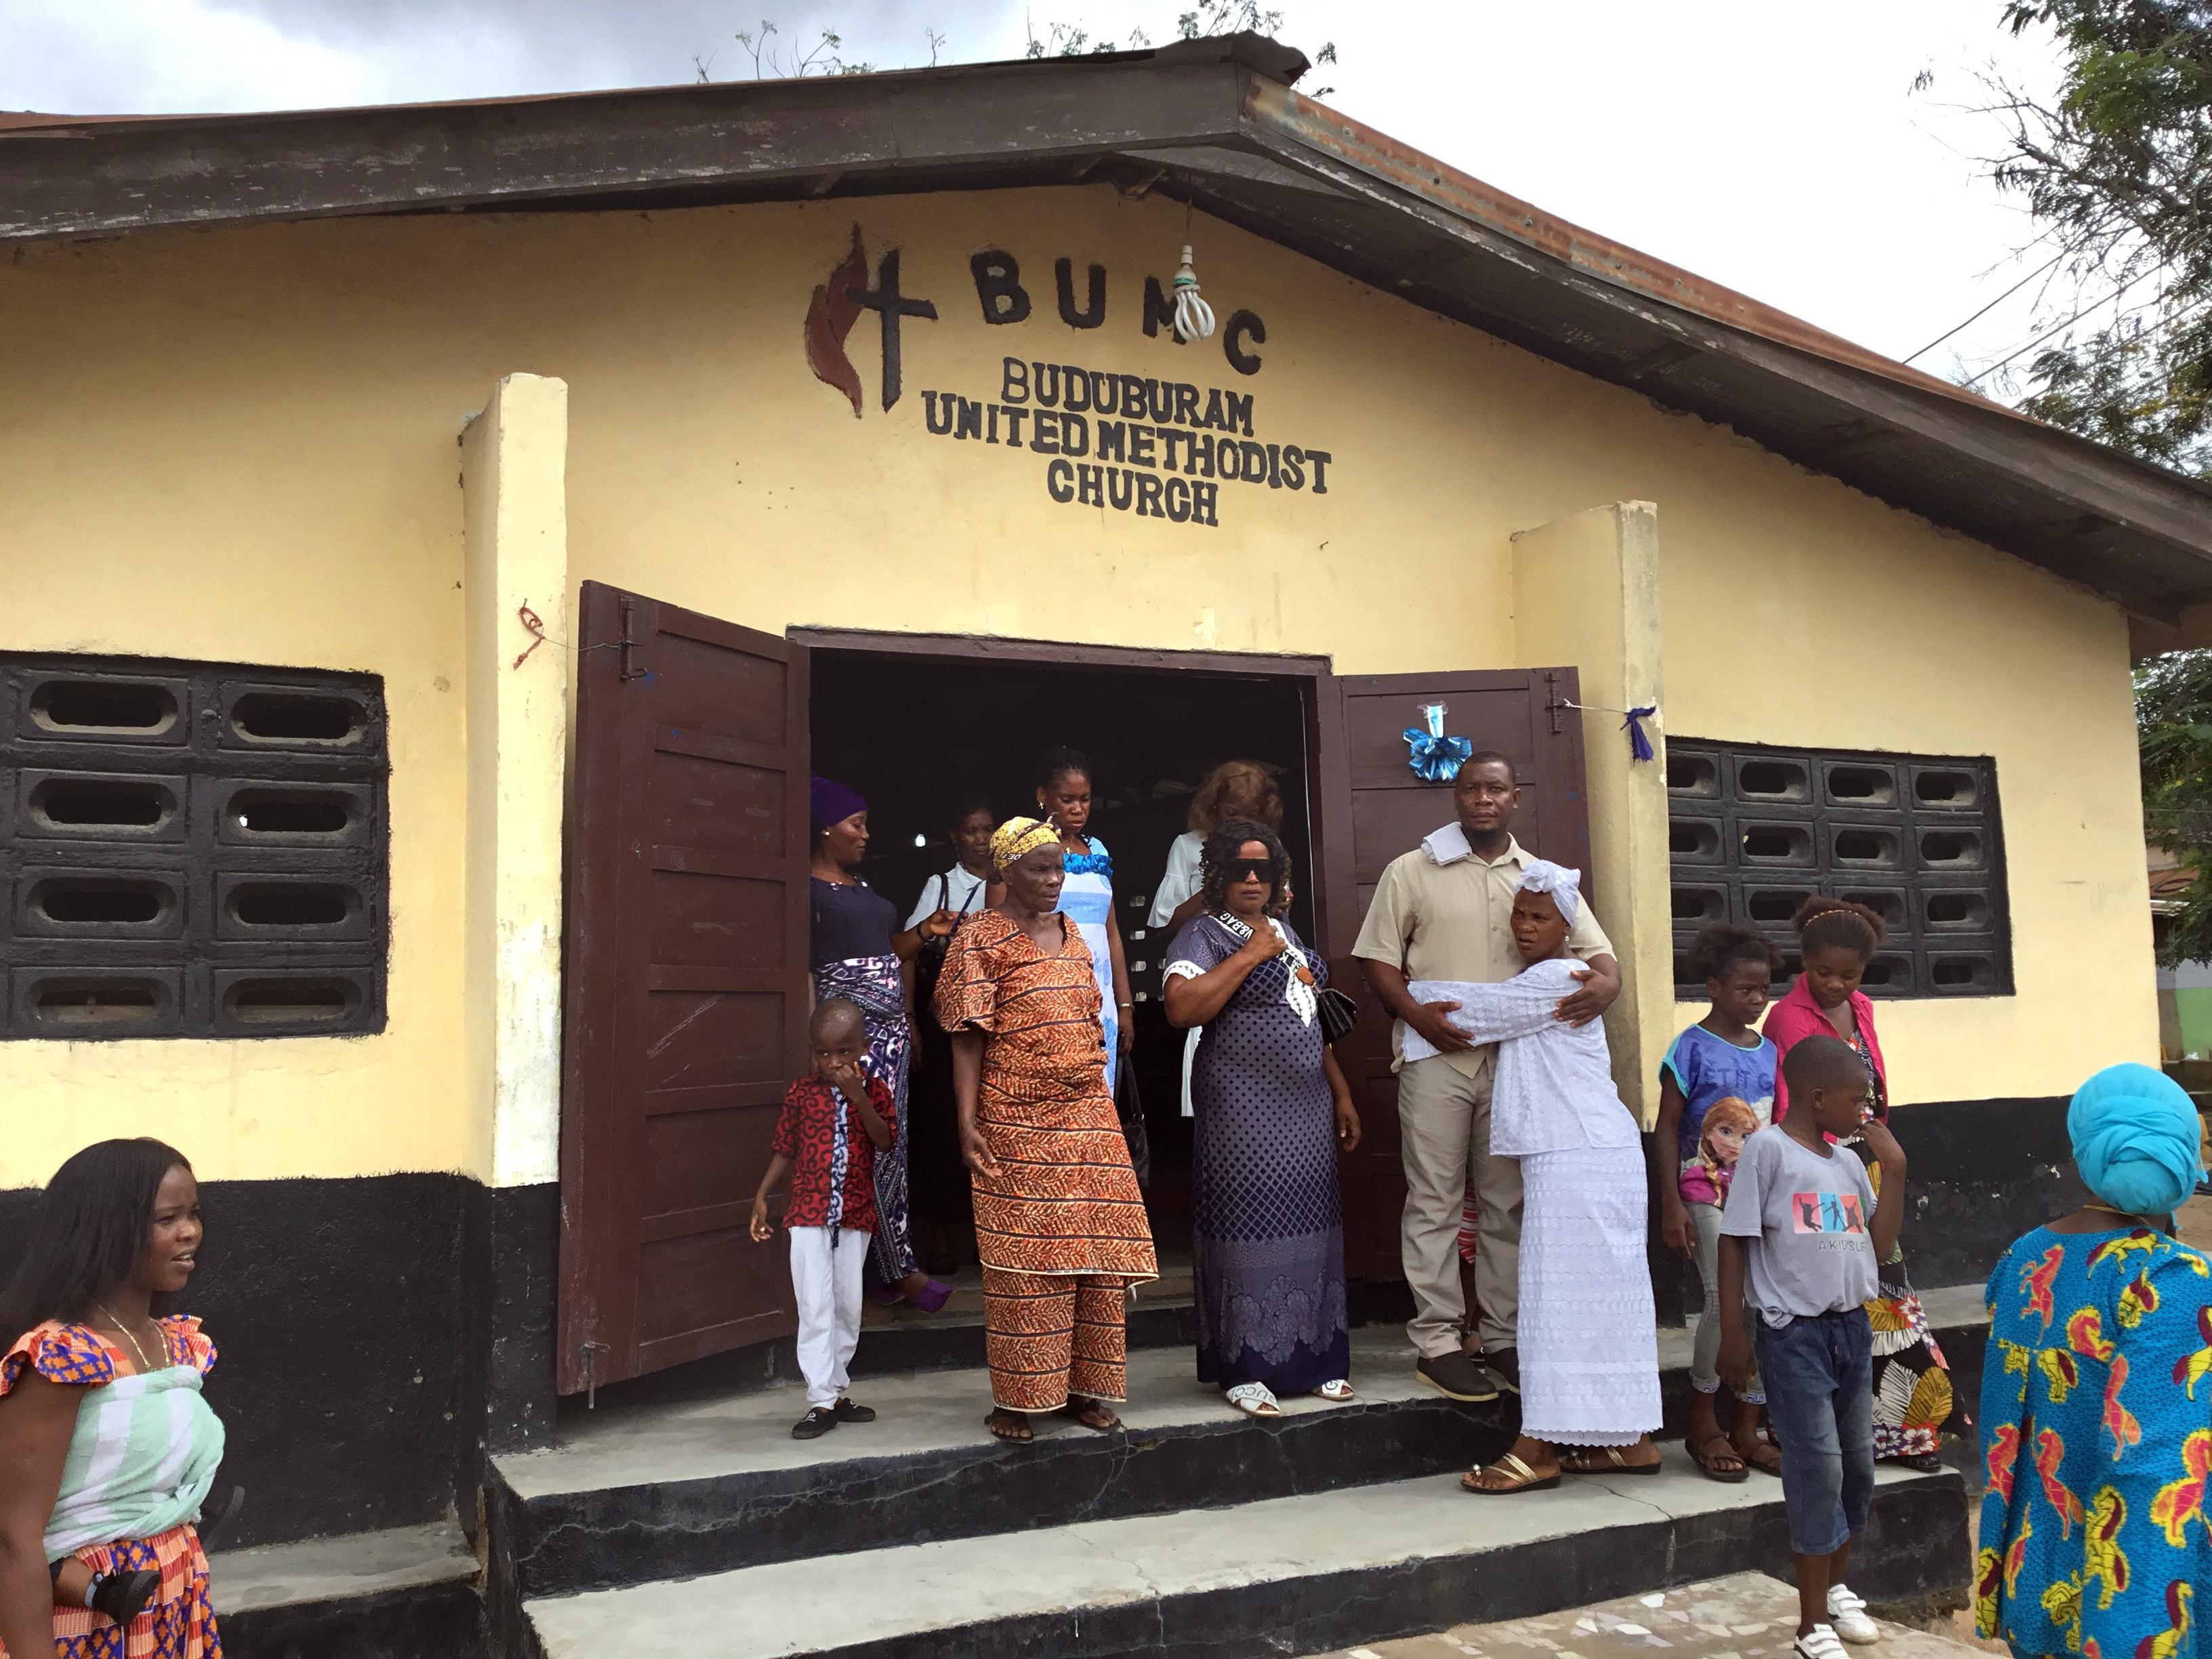 Des membres de l'eglise Méthodiste Unie de Buduburam (Ghana ») à la sortie du culte le 3 novembre. Le pasteur de l'église, le Révérend James Y. Kaifunbah, demande le soutien de la Conférence du Libéria et de l'Église Méthodiste Unie mondiale pour aider à sauver la petite paroisse. Photo de E Julu Swen, UM News.